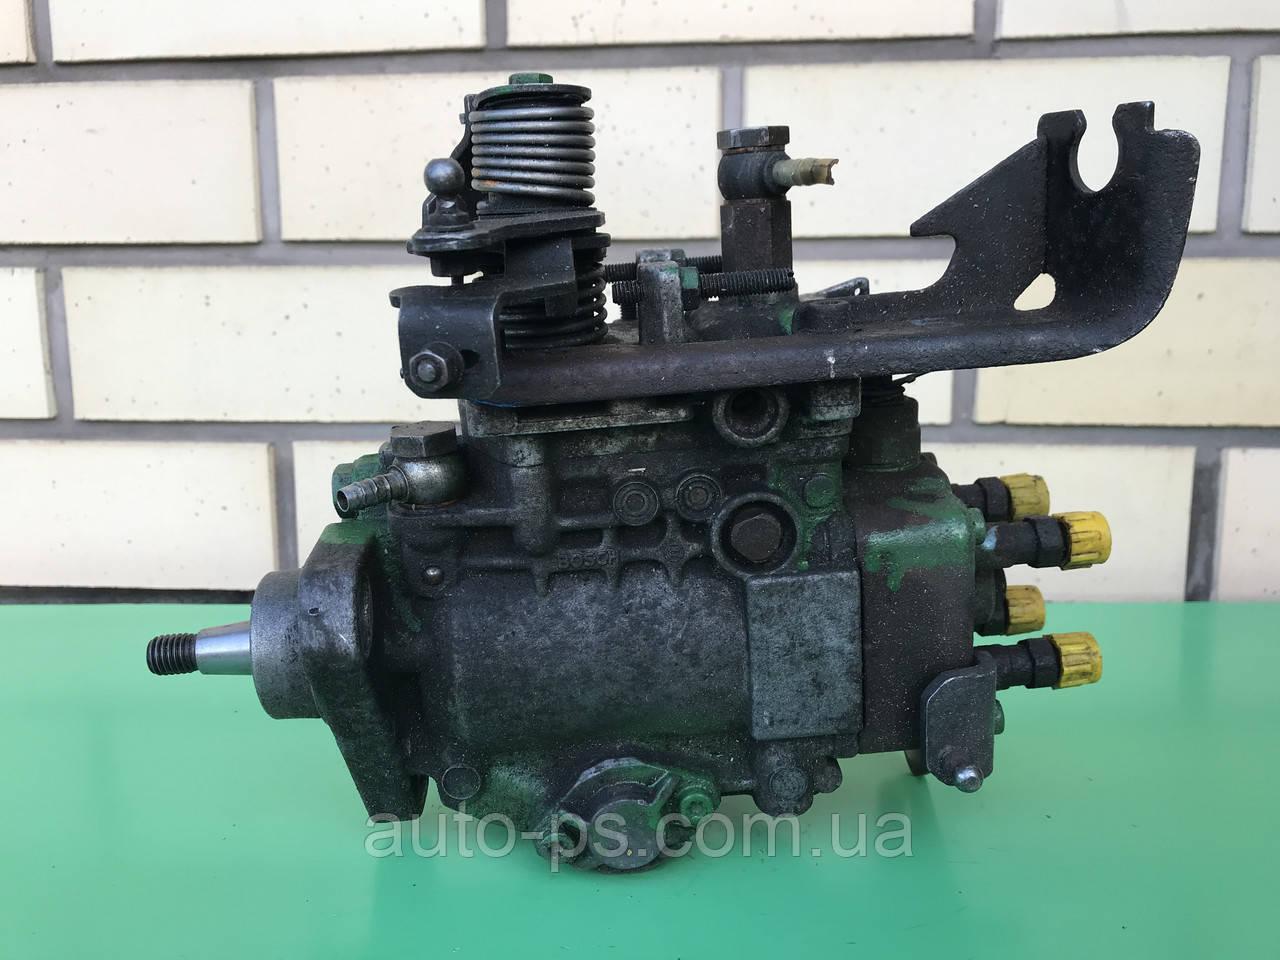 Топливный насос высокого давления (ТНВД) Volkswagen Passat B3 1.9D